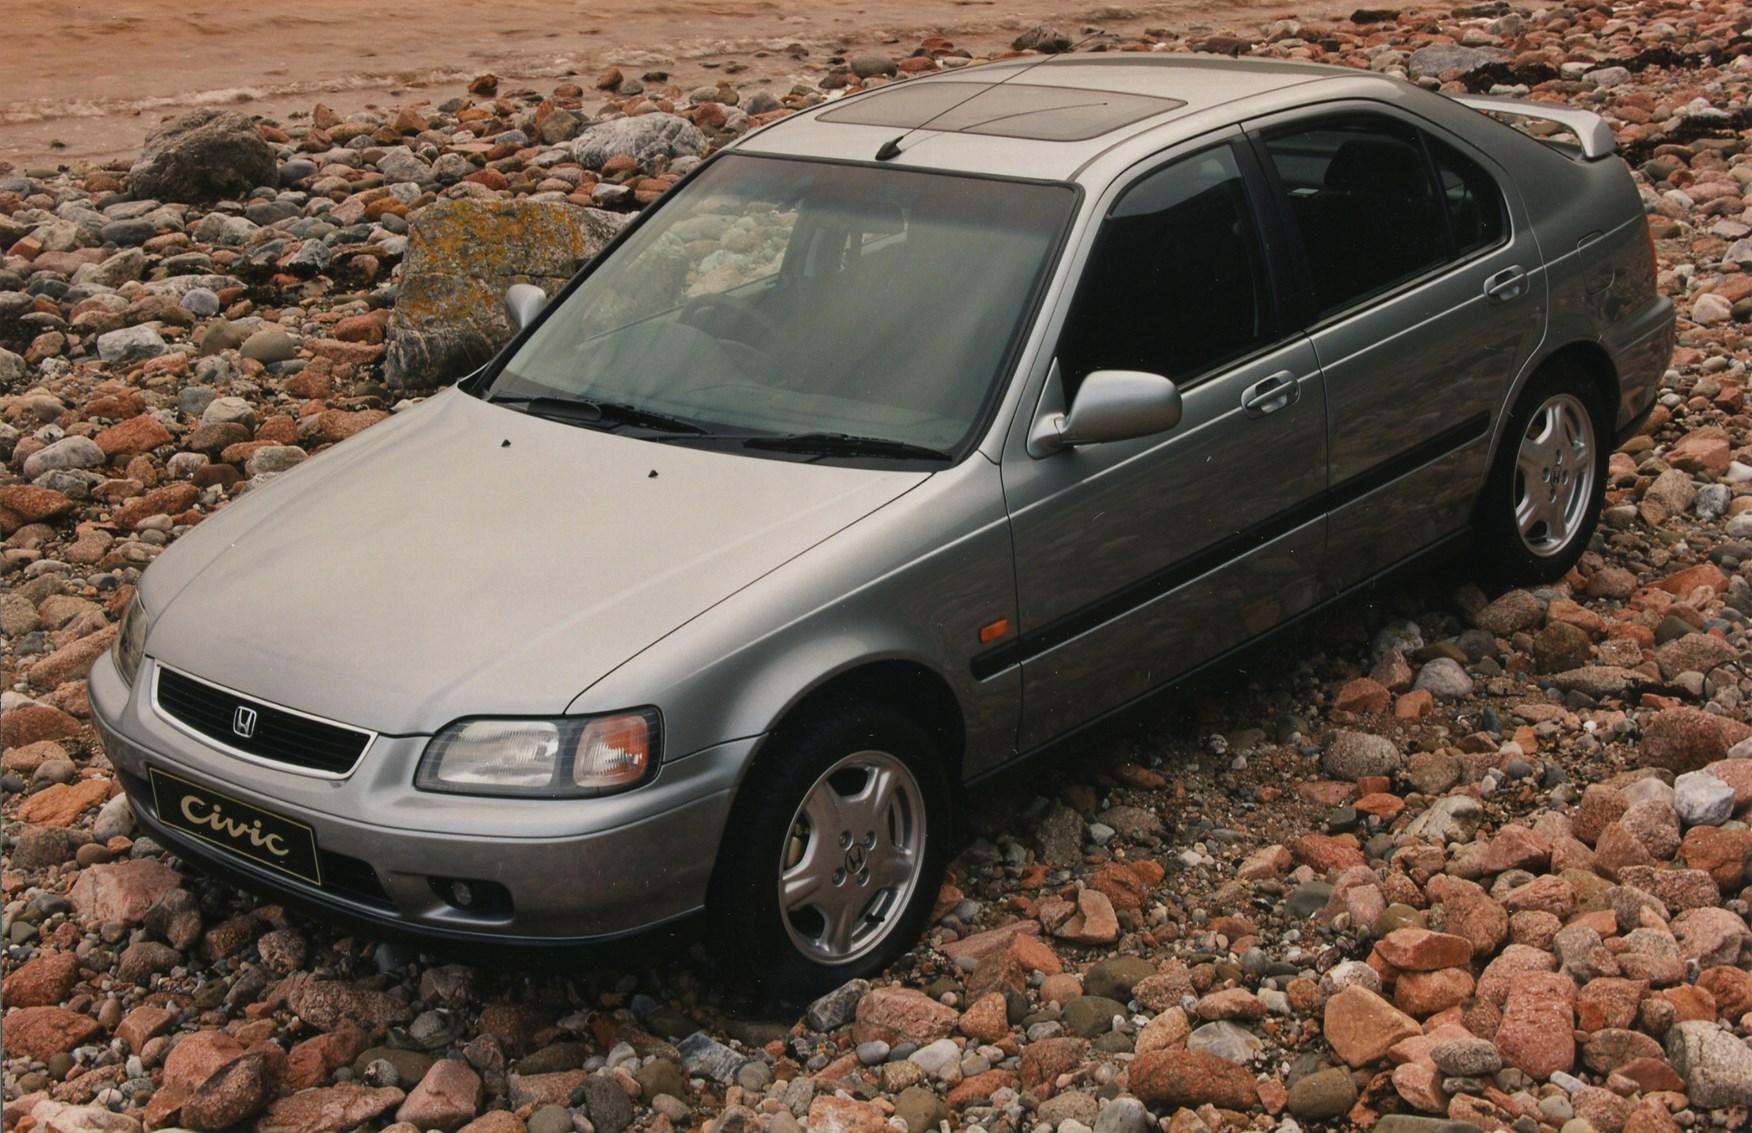 Honda Civic Hatchback (1995 - 2001) Photos | Parkers